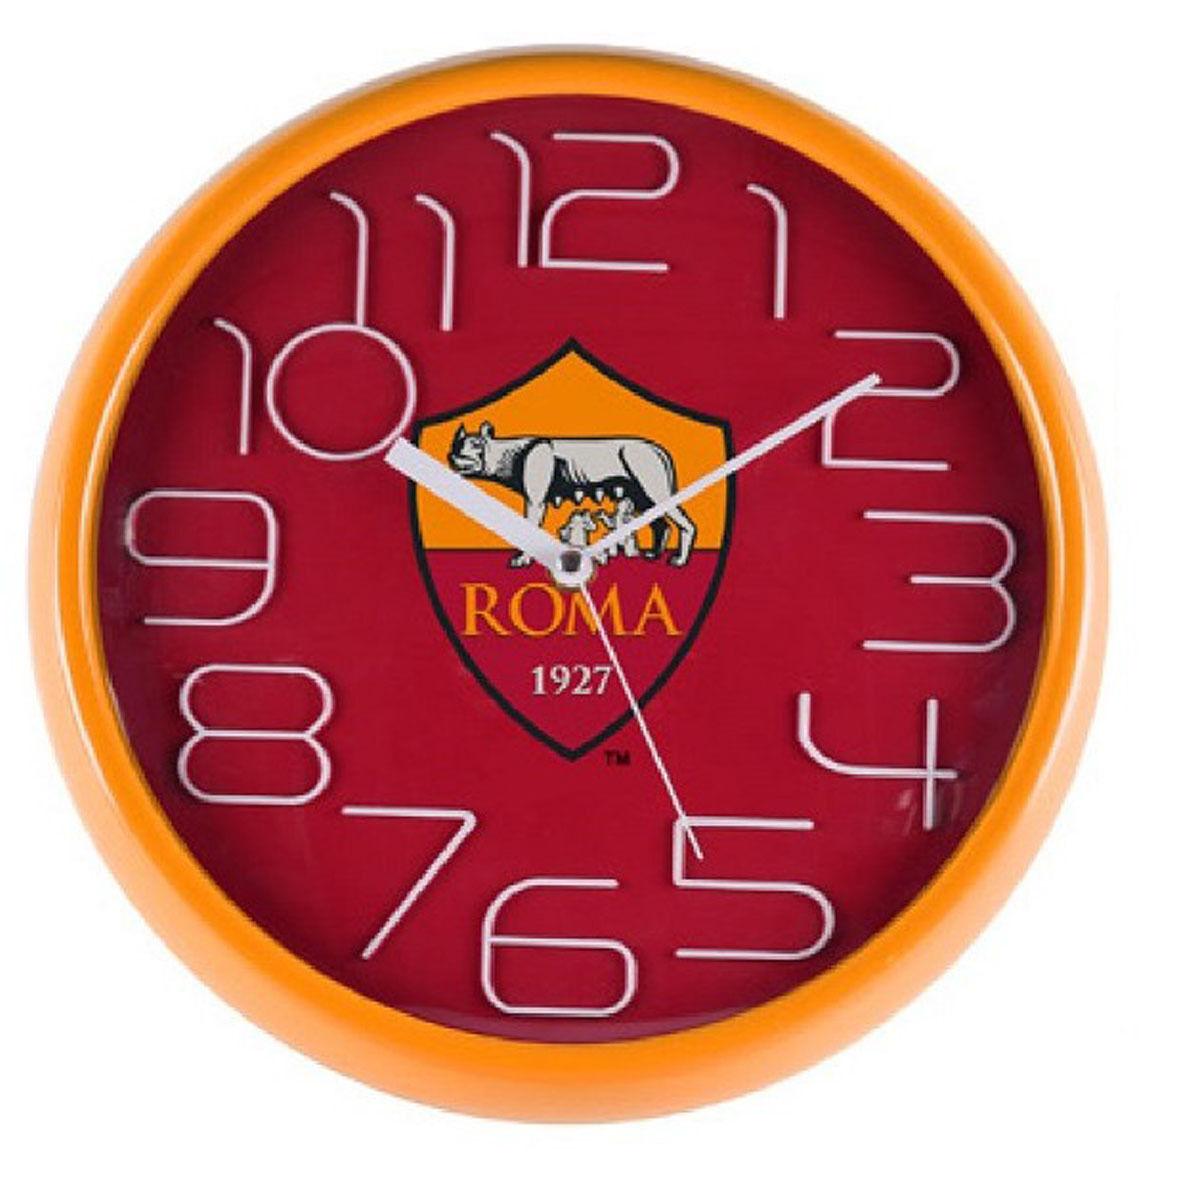 Orologio da parete ROMA  movimento silenzioso dim.29x29